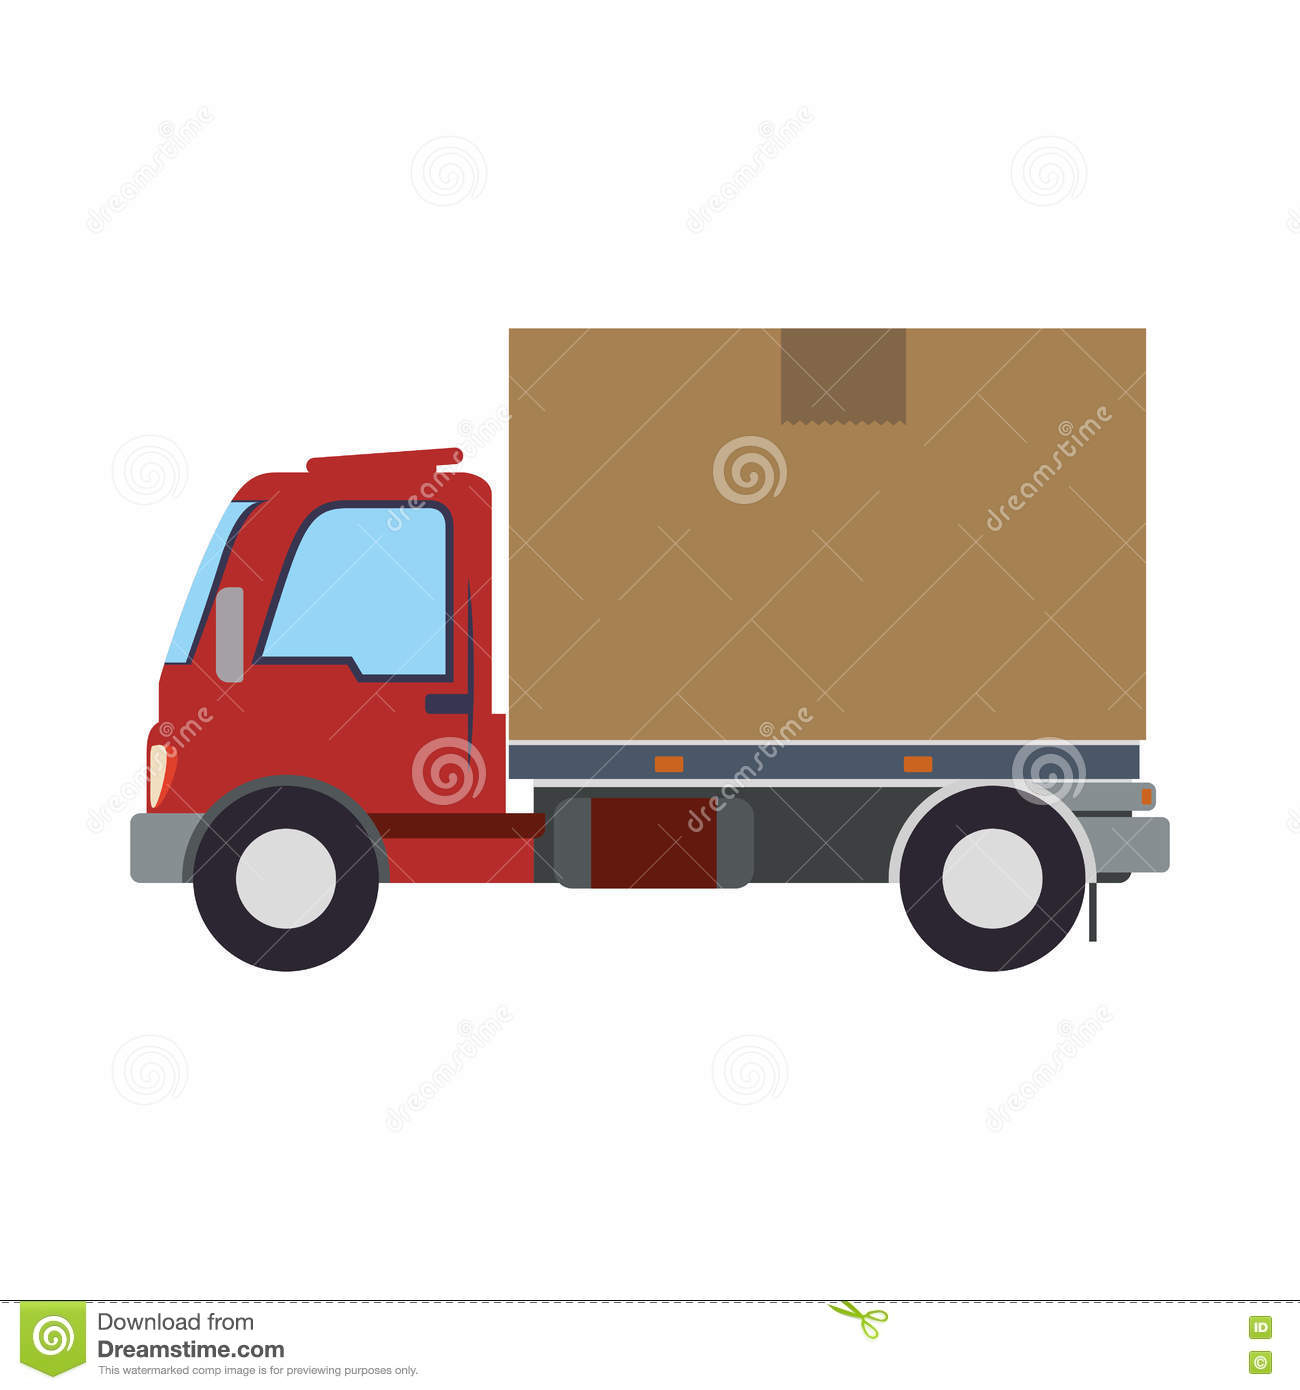 Icône D'expédition De La Livraison De Transport De Camion concernant Dessin D Un Camion